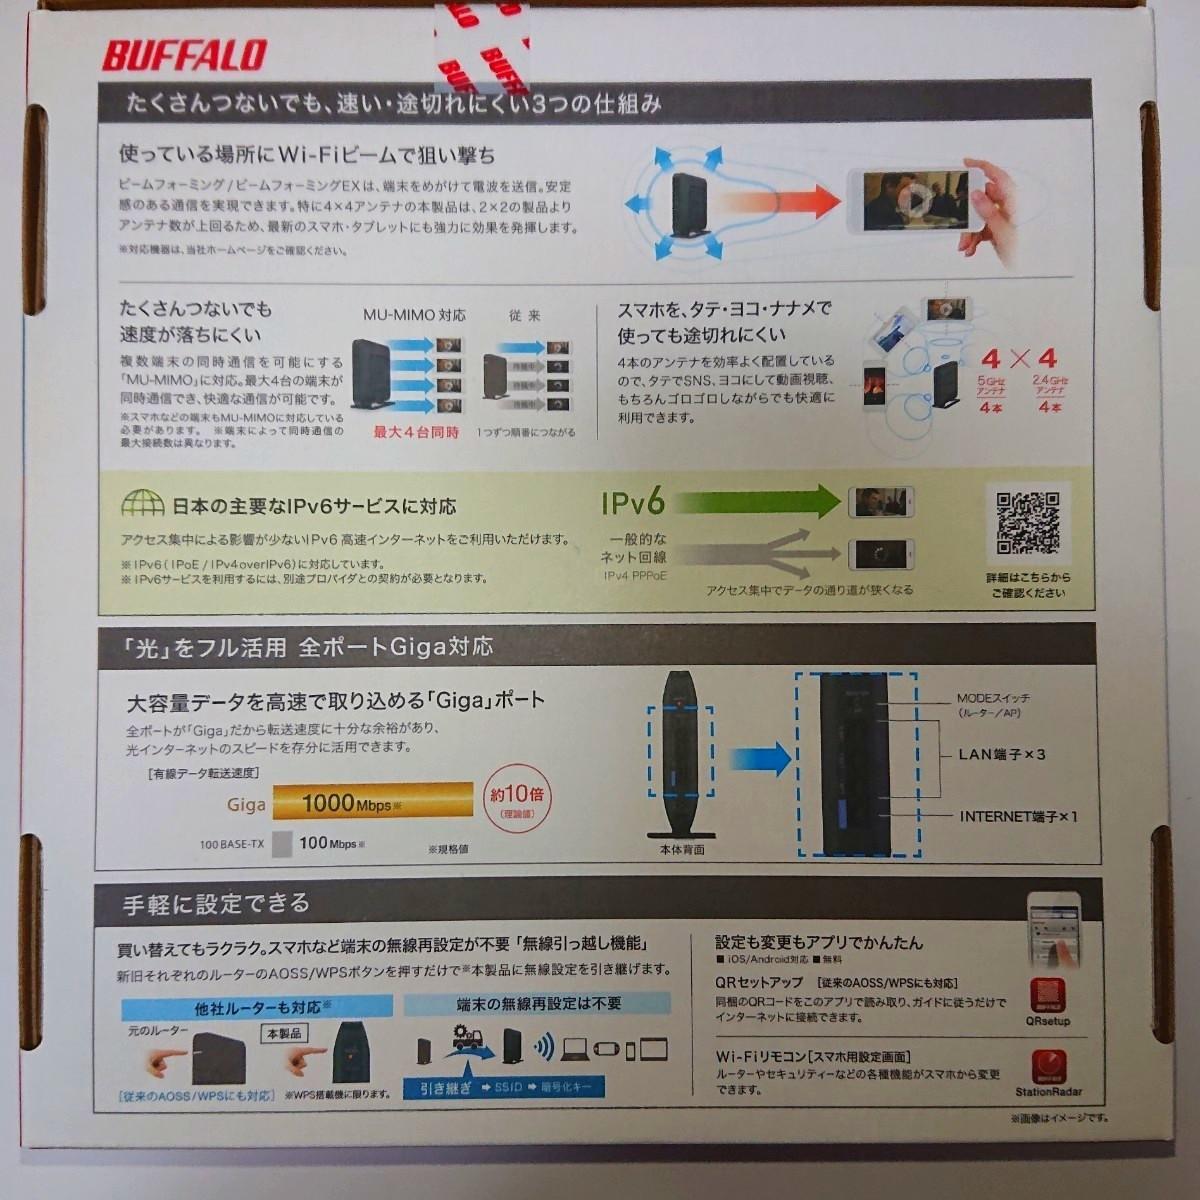 BUFFALO 無線LAN親機 WSR-2533DHPL2-DB